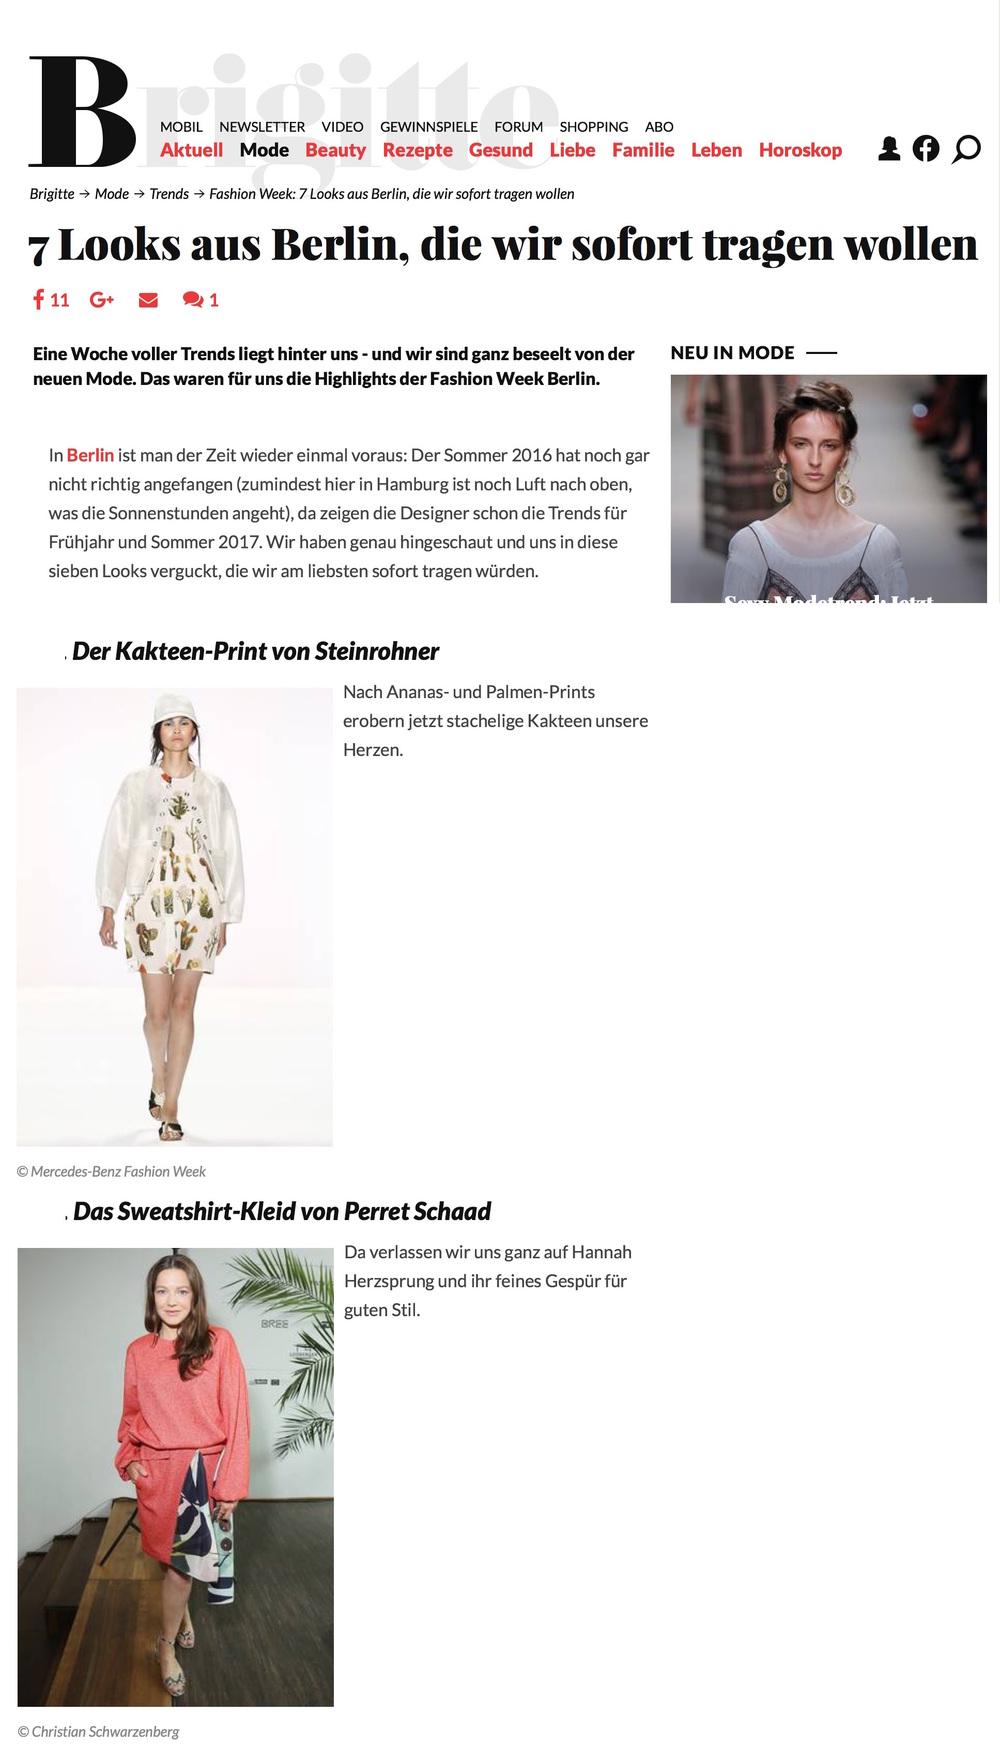 www.brigitte.de-mode-trends-fashion-week--7-looks-aus-berlin--die-wir-sofort-tragen-wollen-10224418.html (20160713).jpg